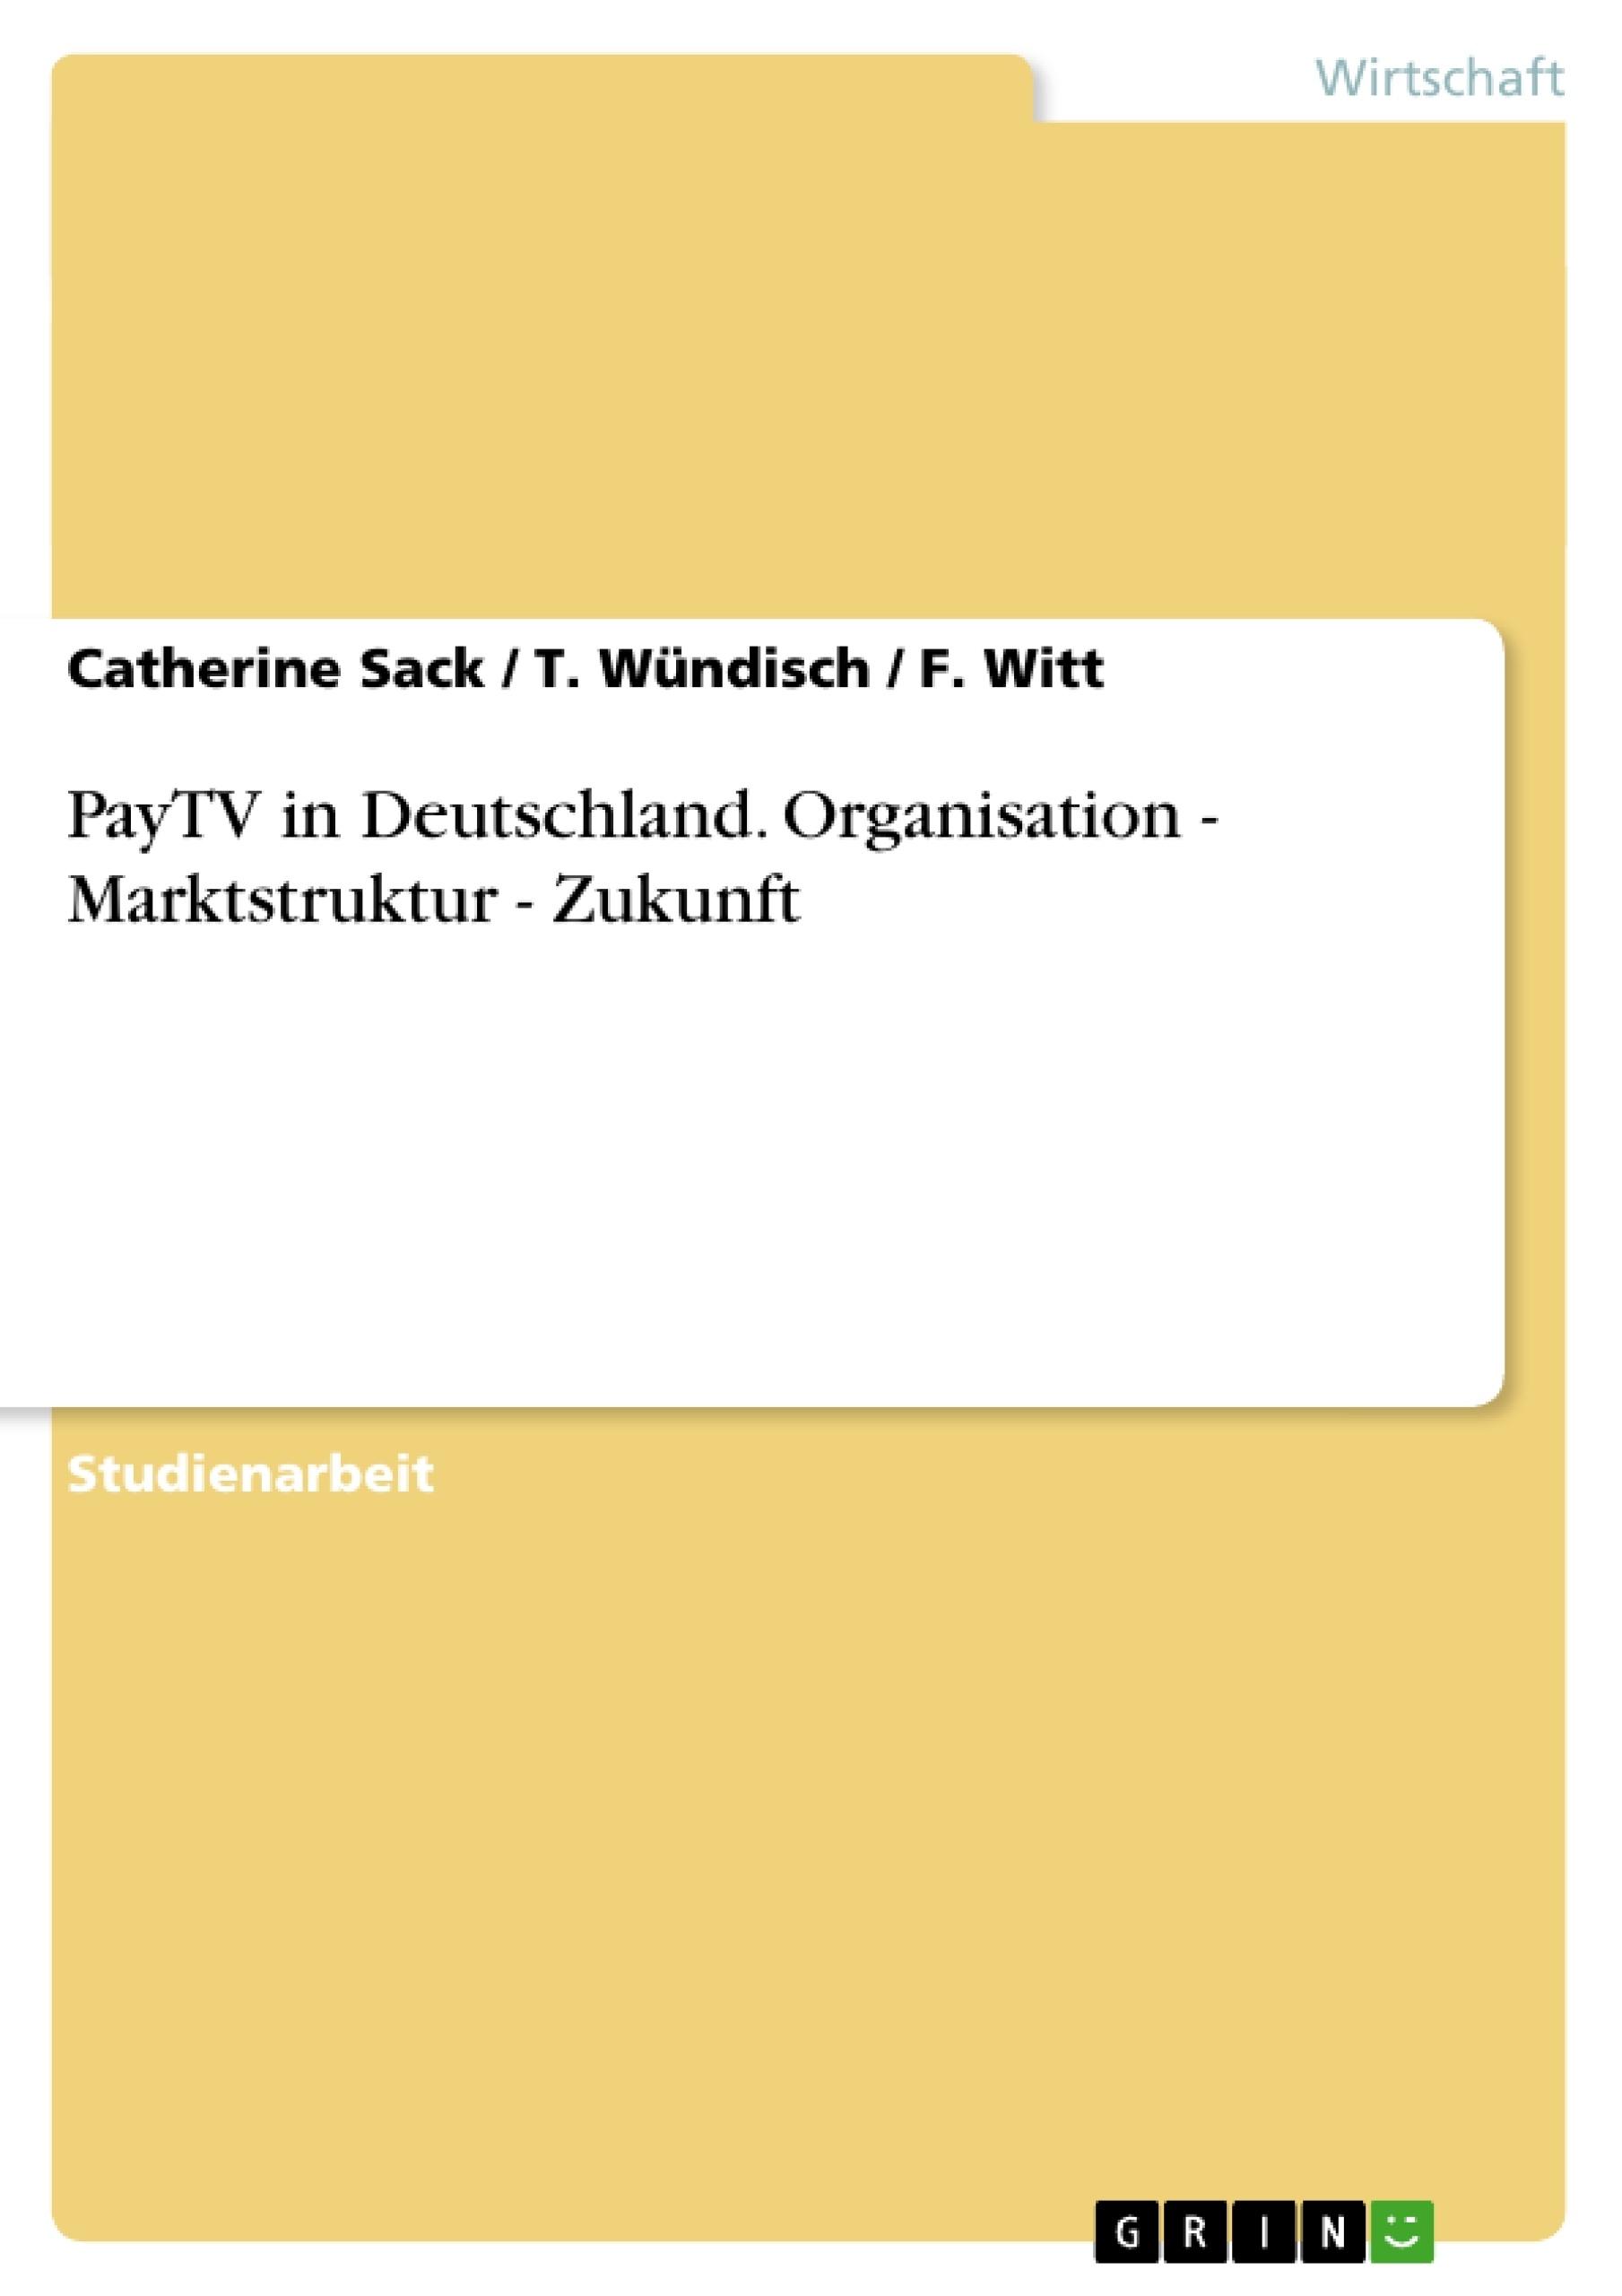 Titel: PayTV in Deutschland. Organisation - Marktstruktur - Zukunft